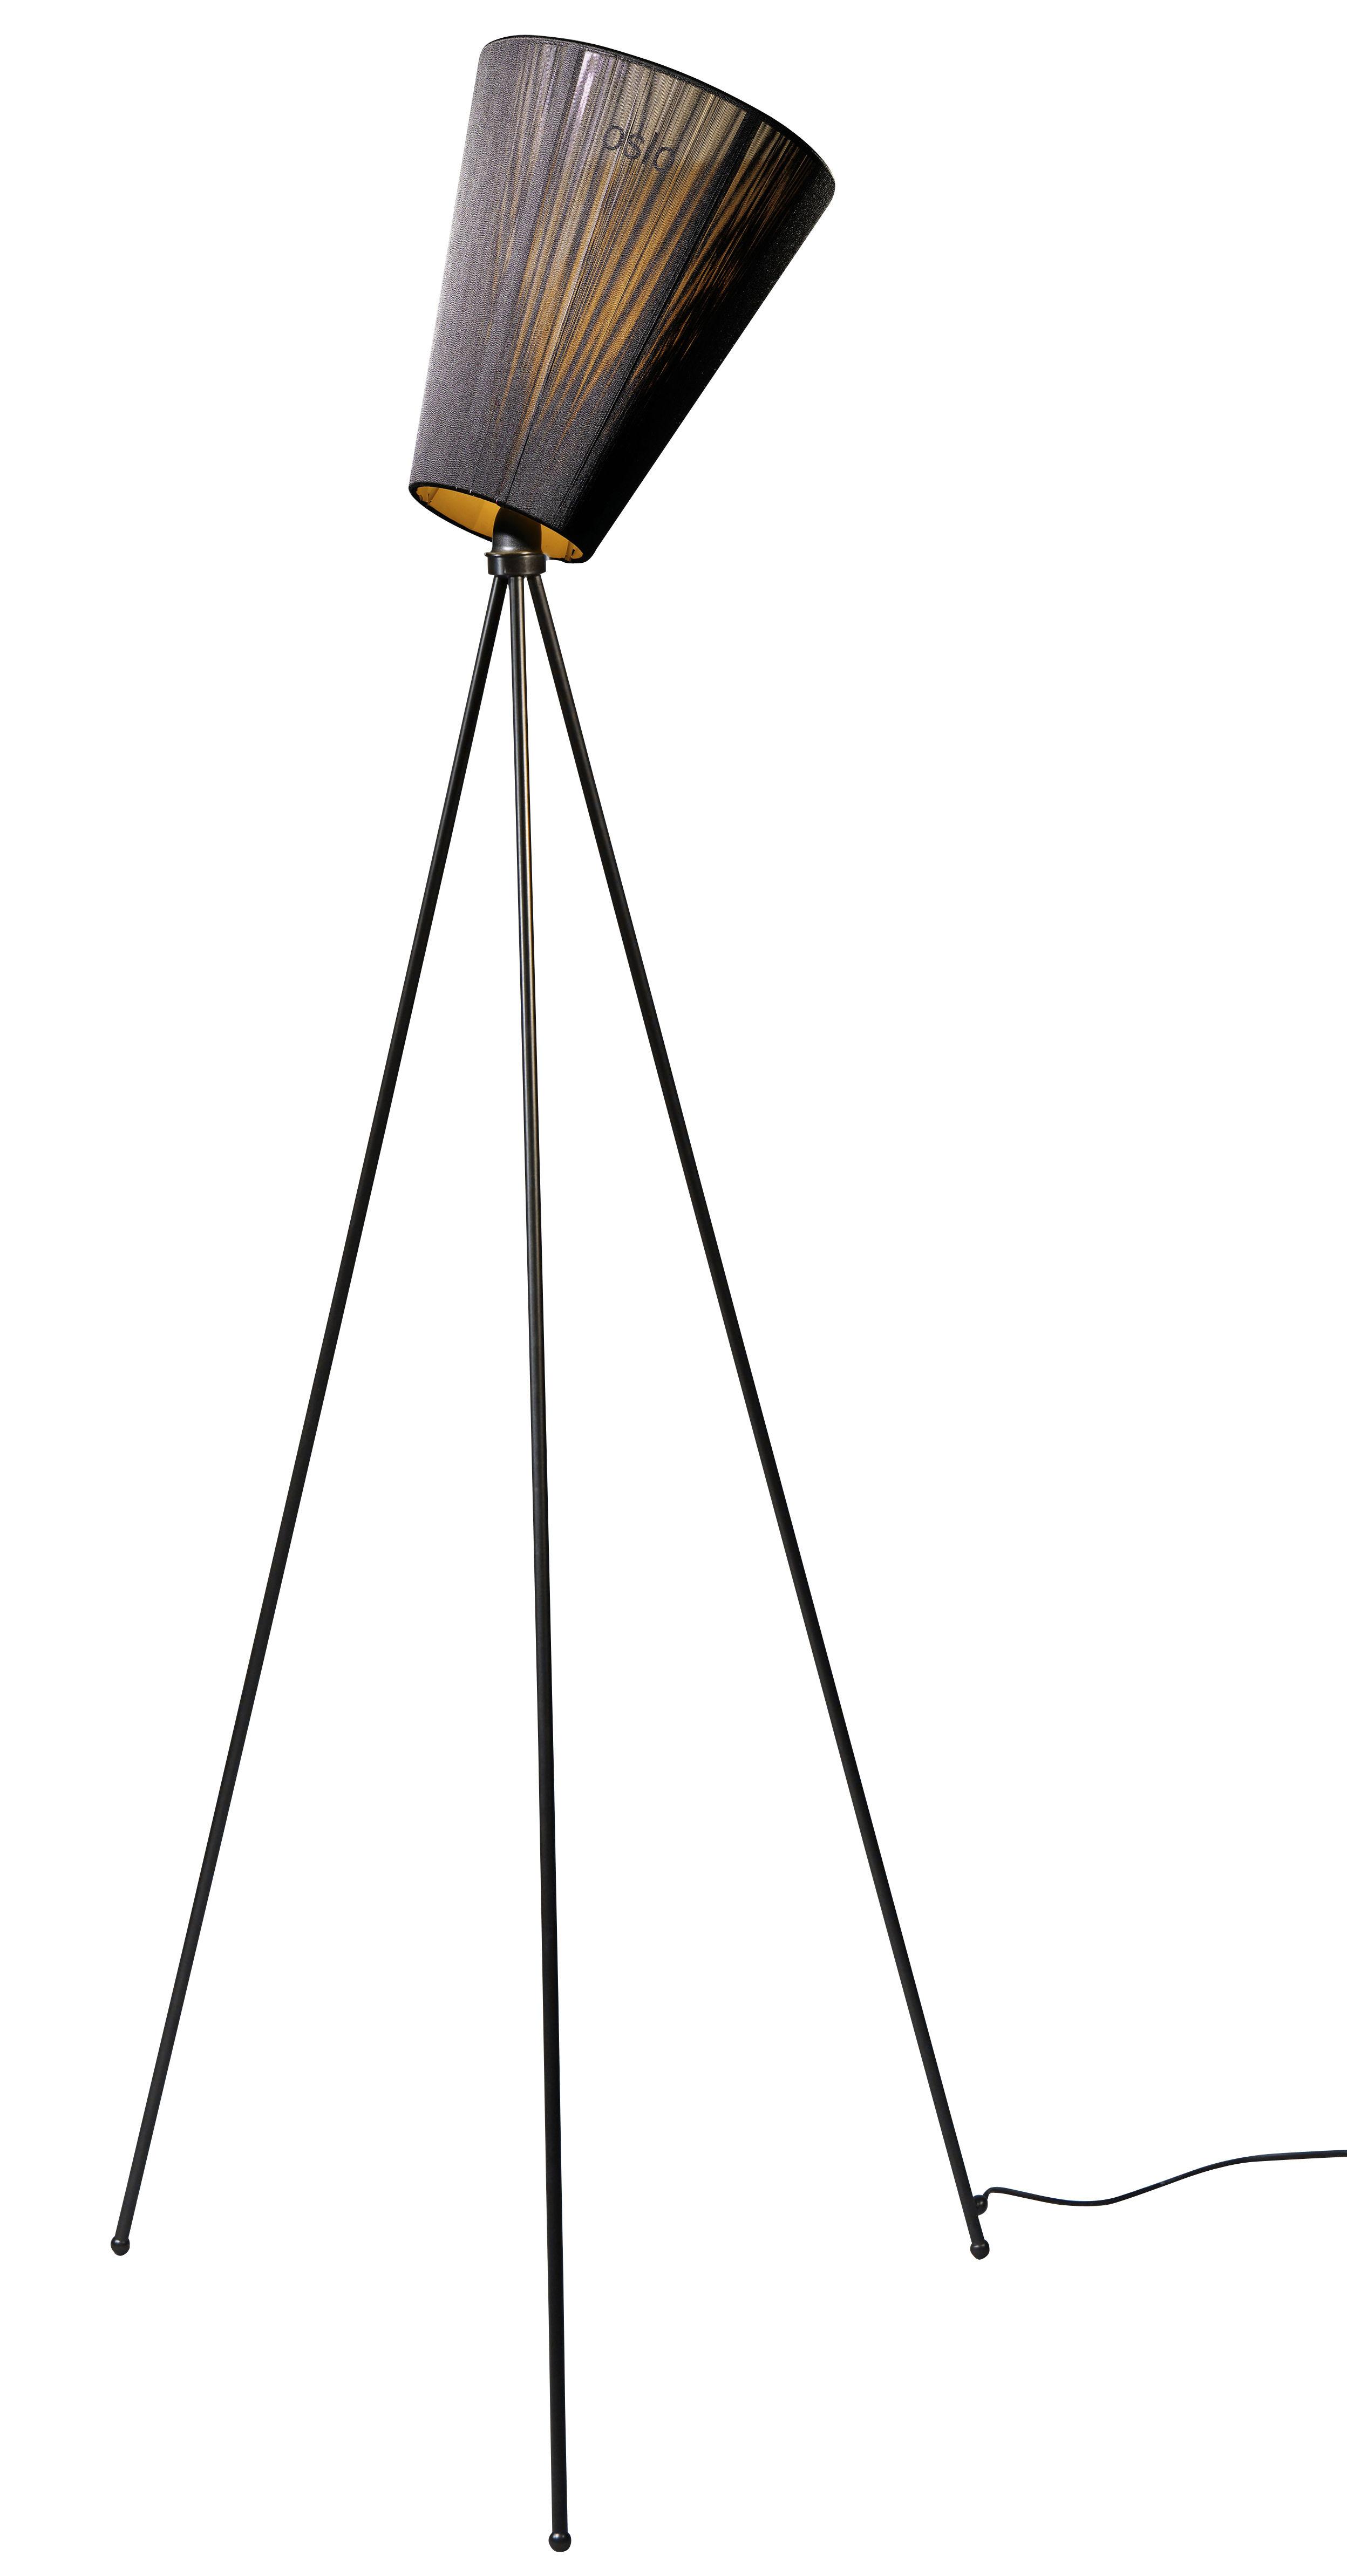 Illuminazione - Lampade da terra - Lampada a stelo Oslo Wood di Northern  - Nero / piede nero - Acciaio verniciato, Tessuto plissettato